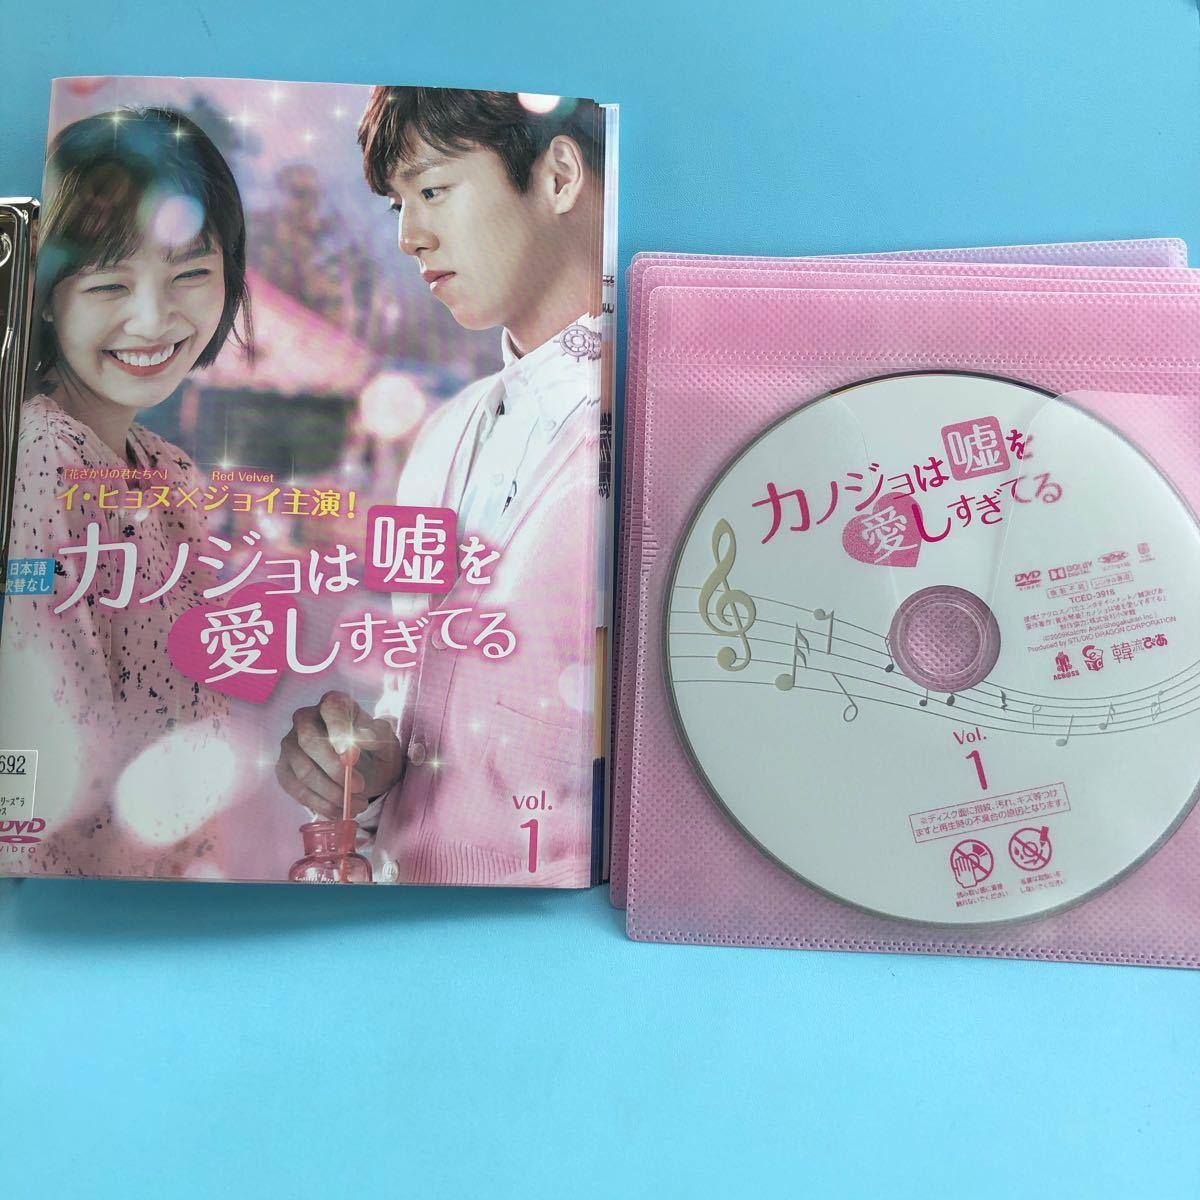 カノジョは嘘を愛しすぎてる DVD 全10巻セット 韓国ドラマ